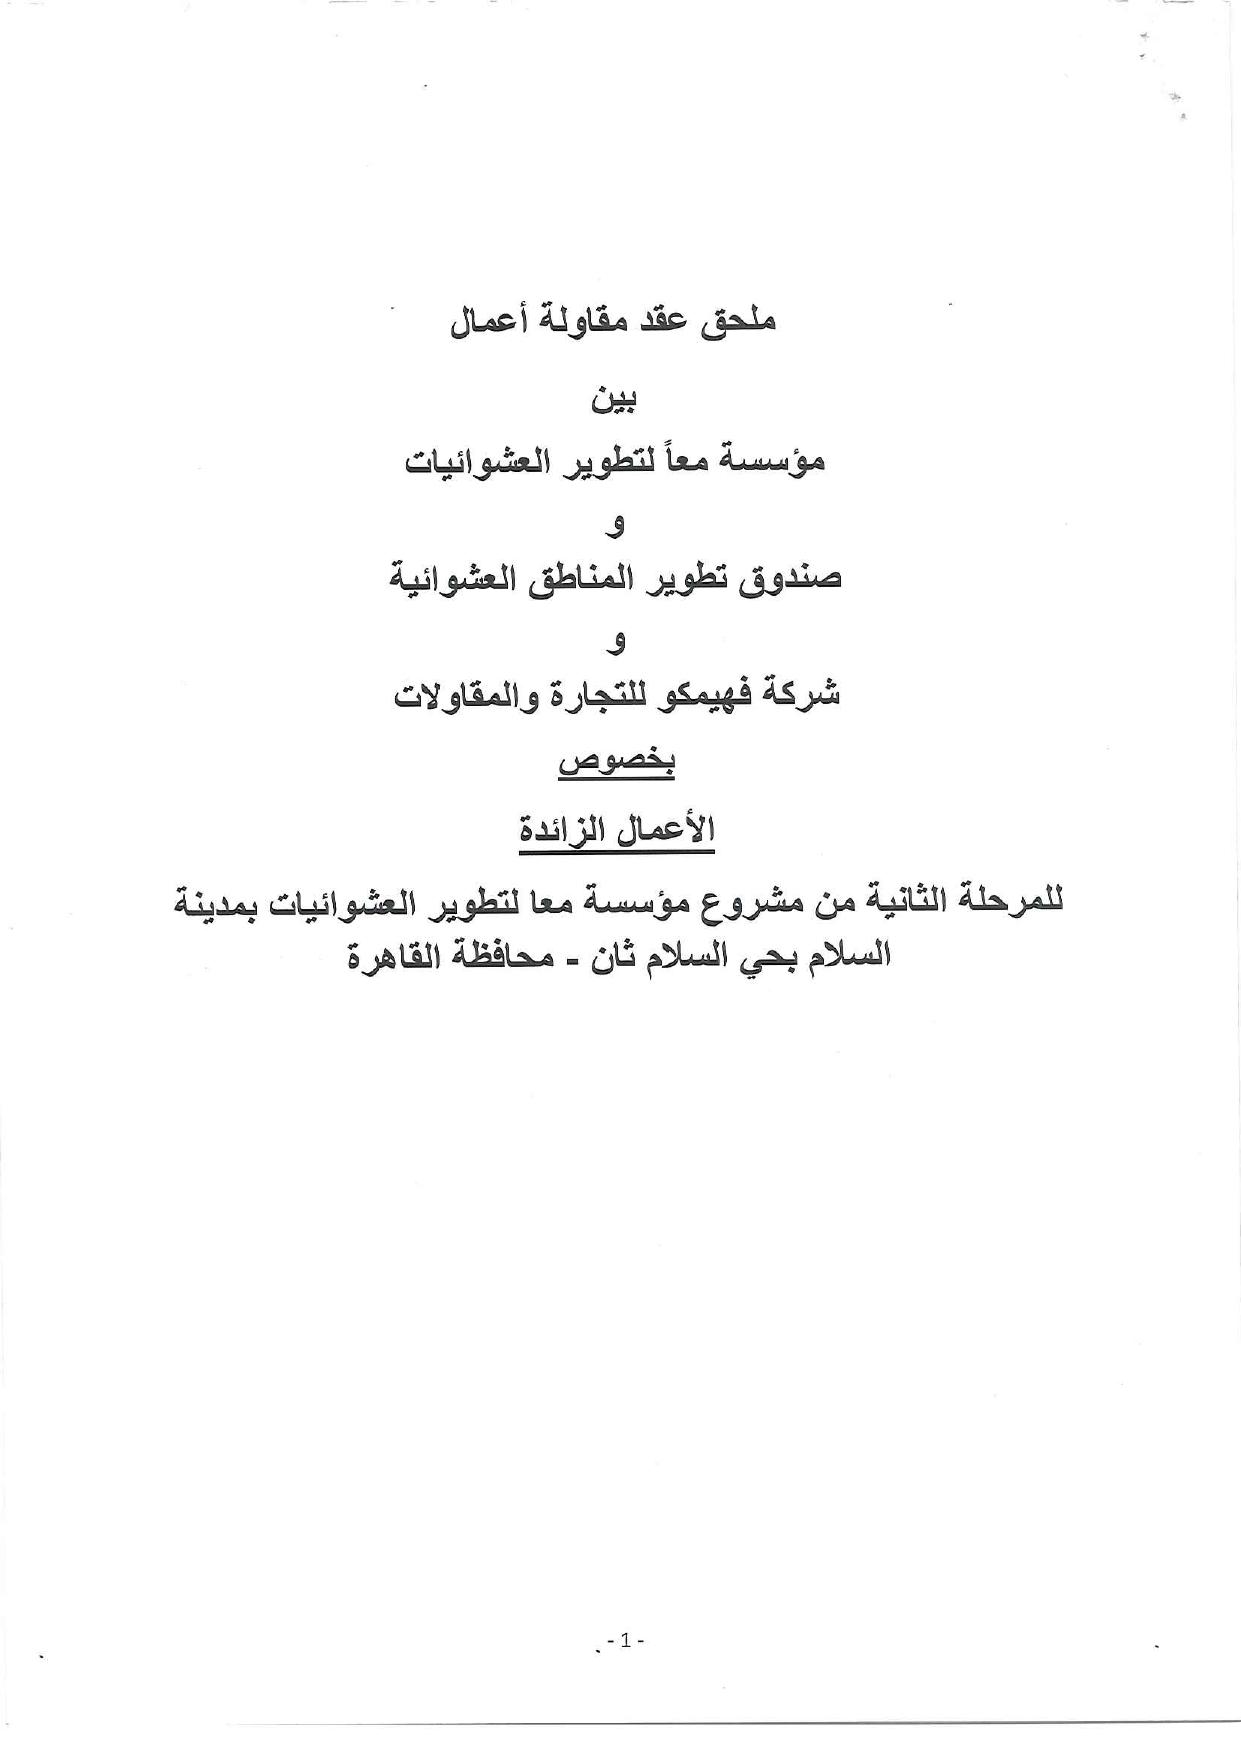 ملحق عقد اعمال زائده مشروع معا_page-0001